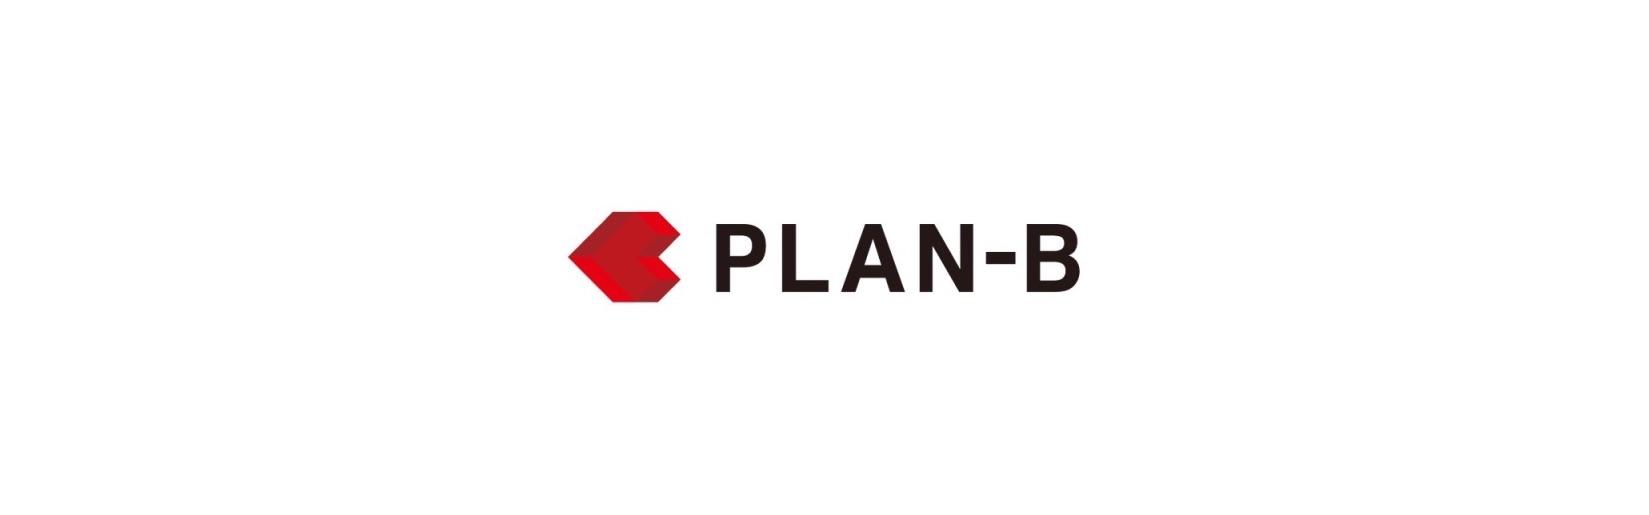 Plan bnn